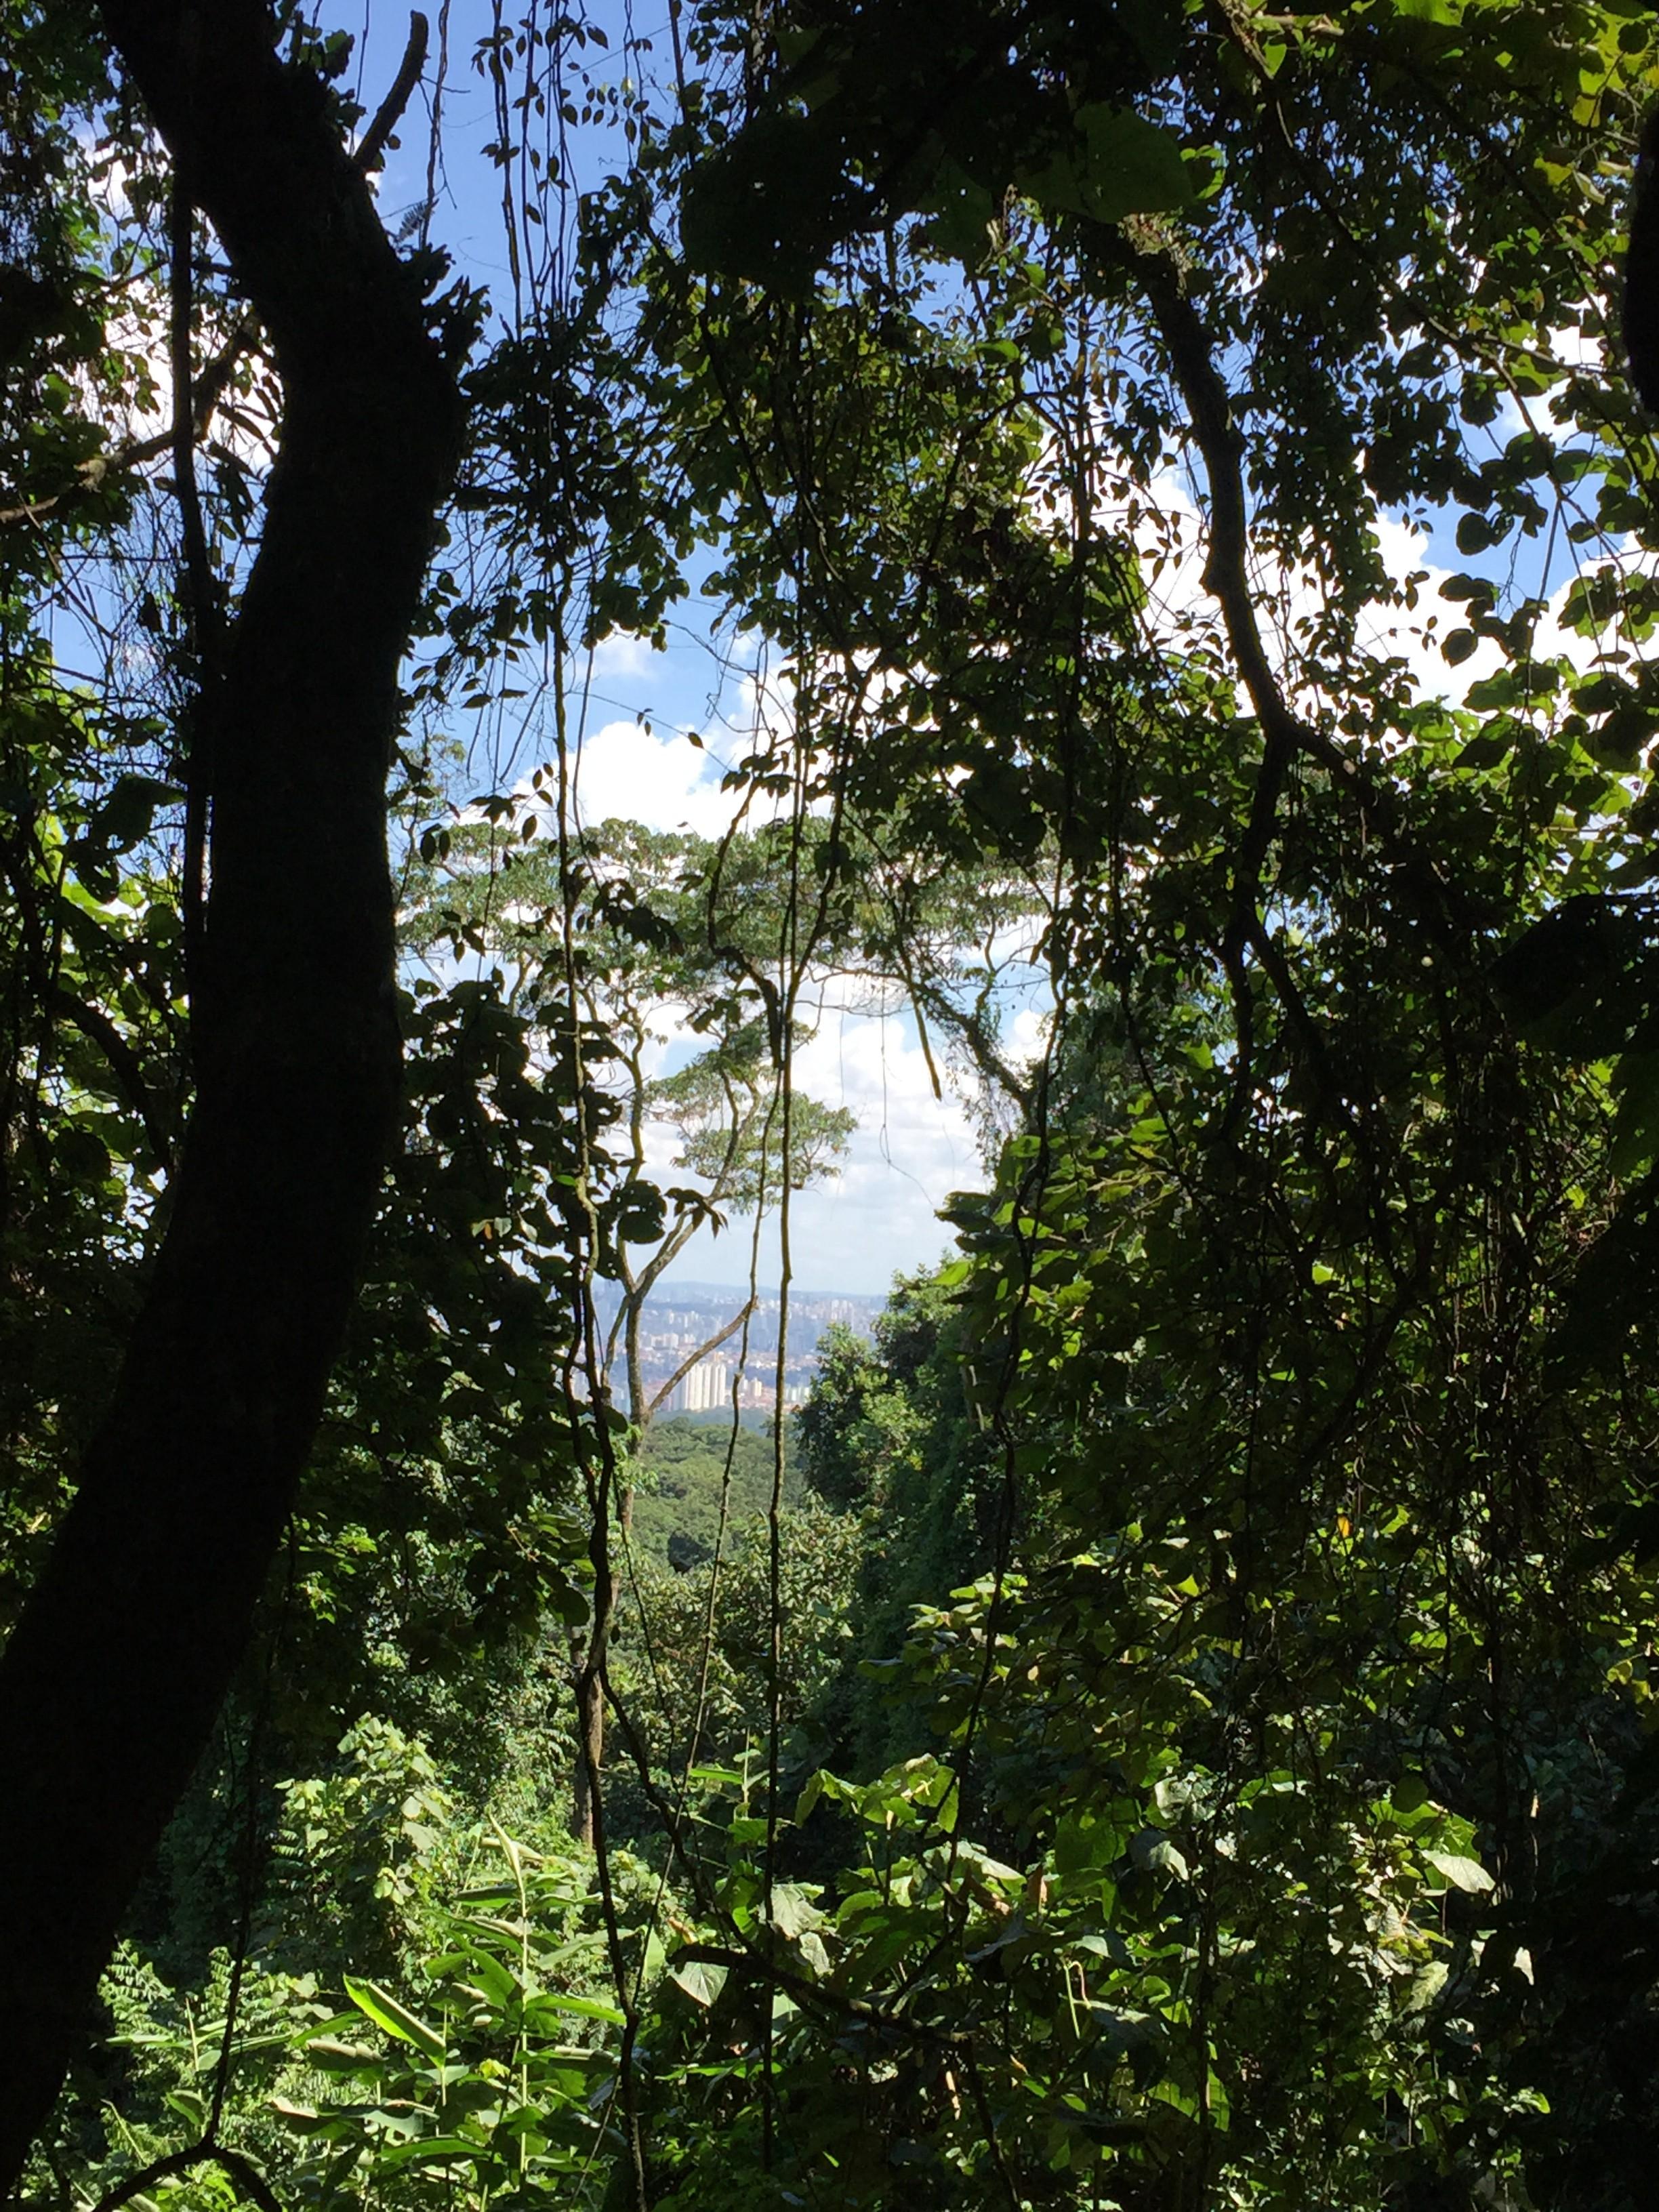 trilha da pedra grande parque estadual cantareira